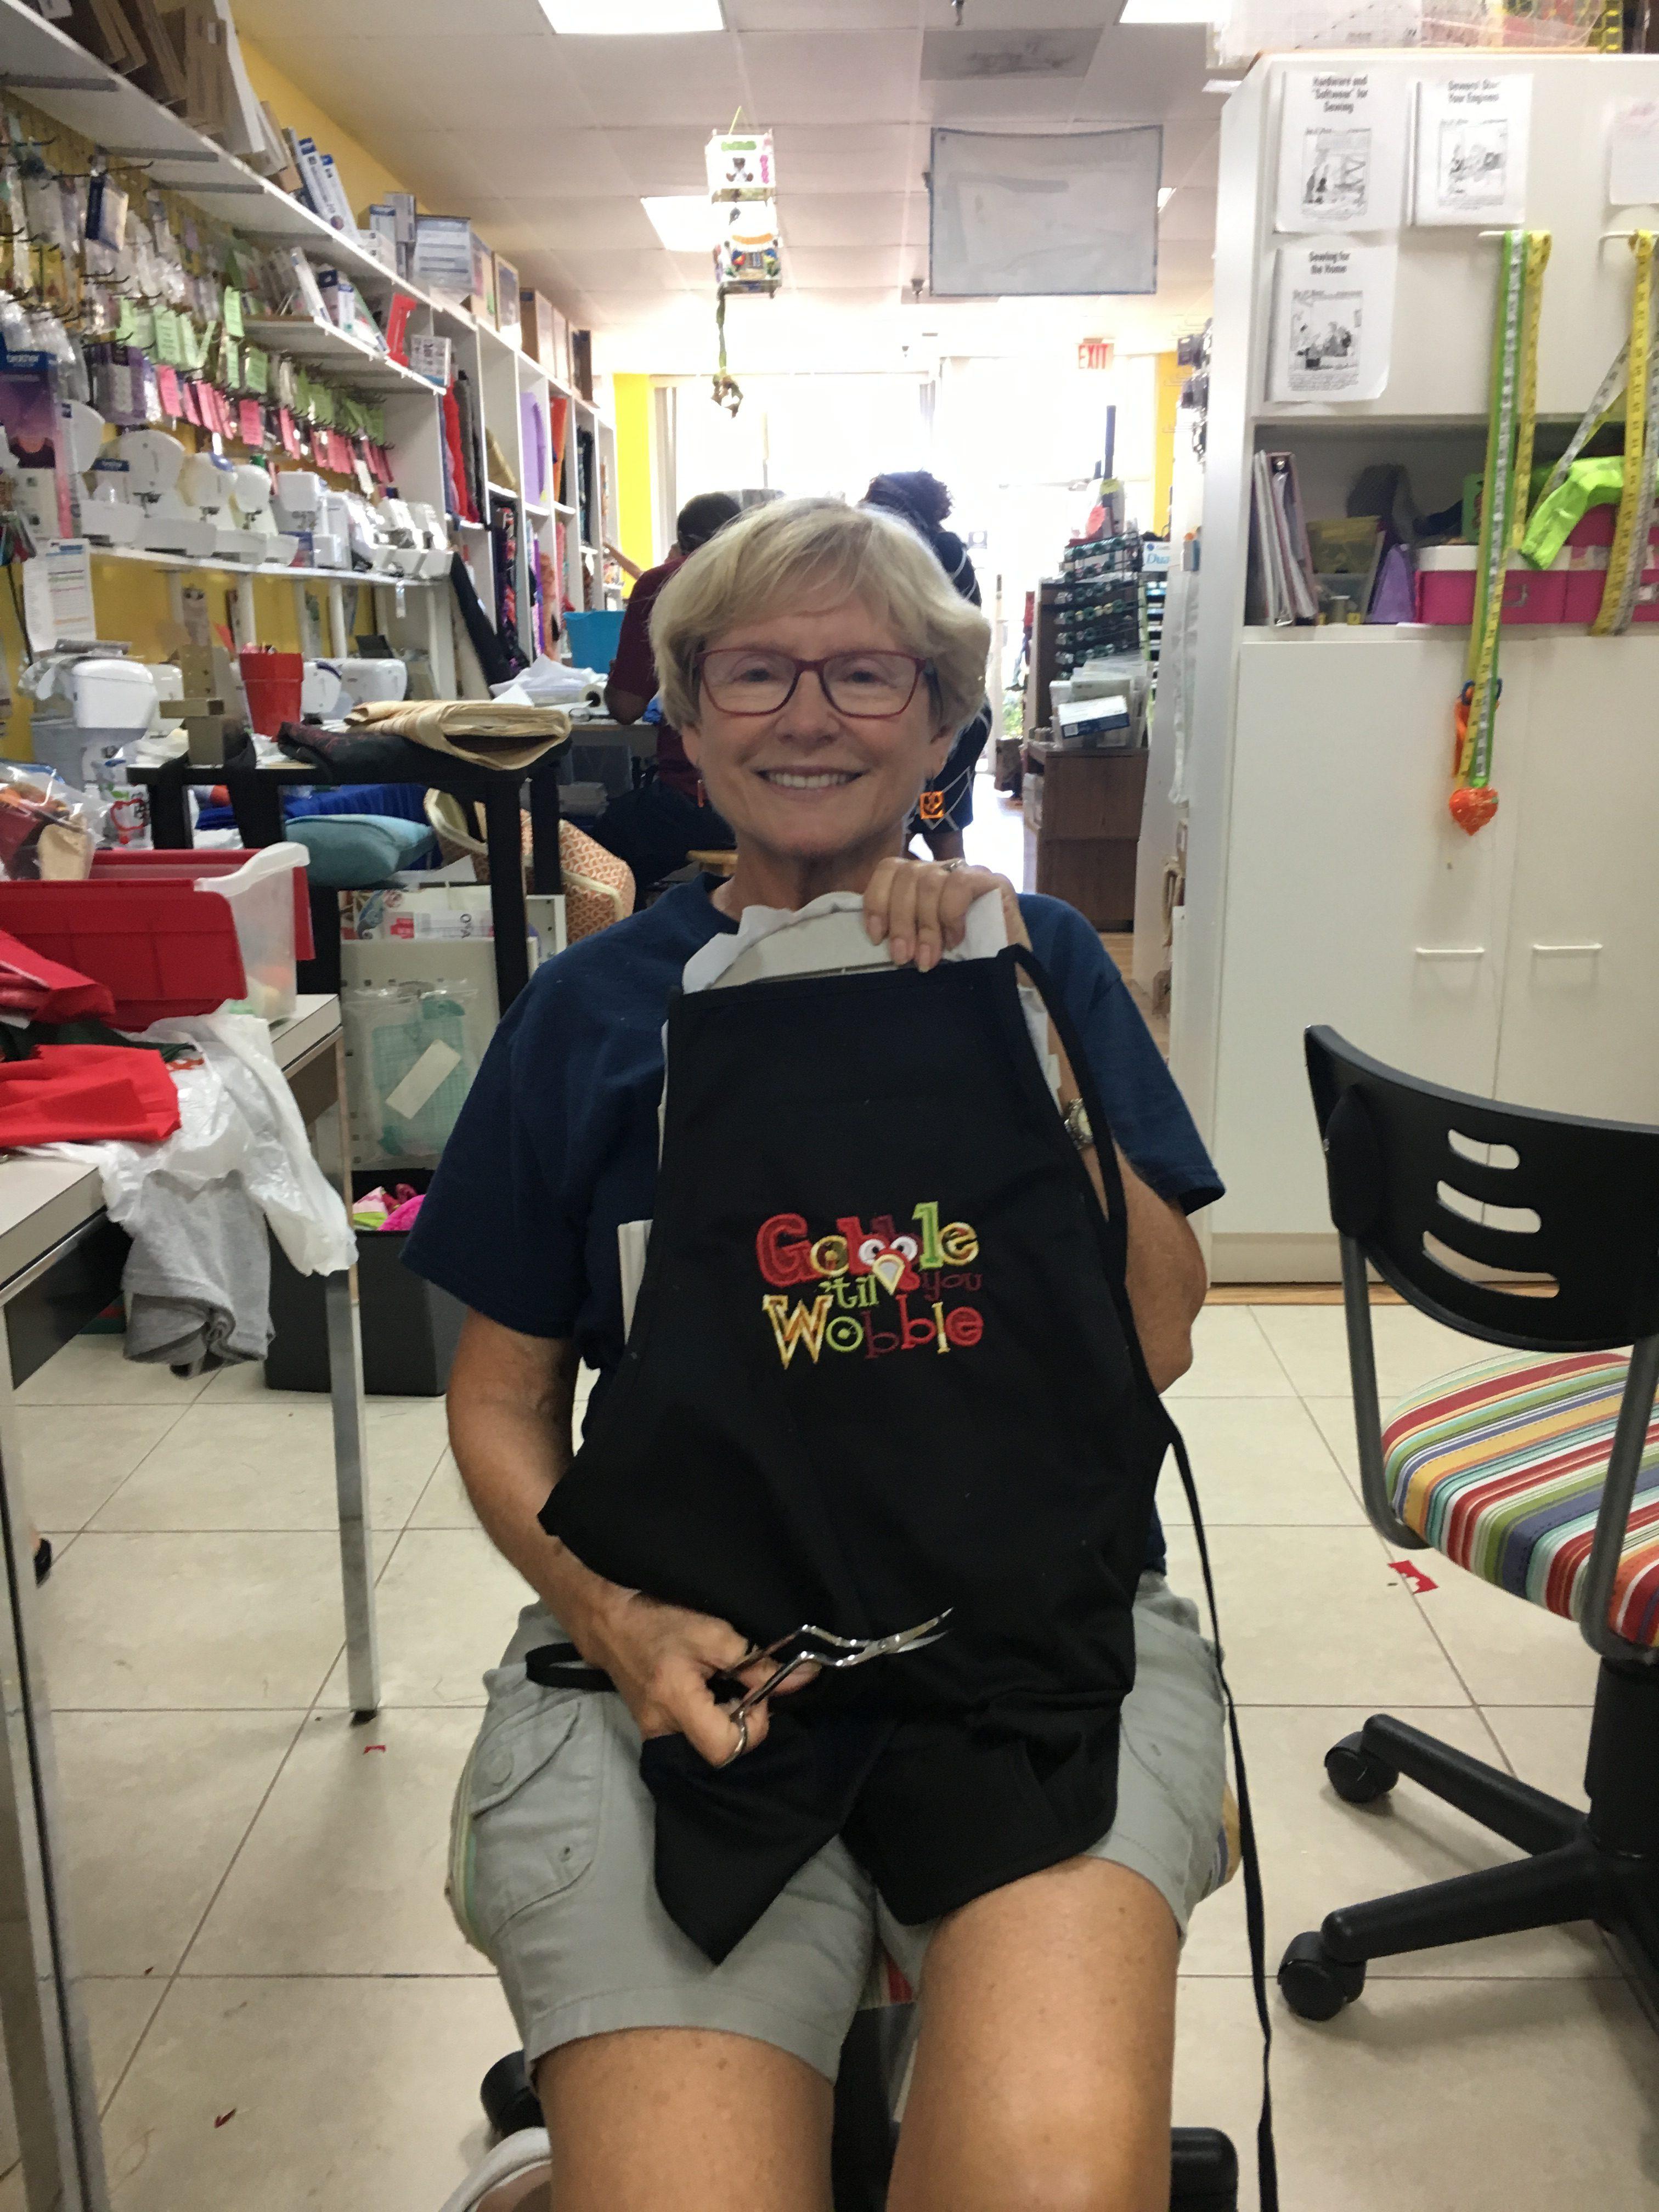 Nikki's gobble apron